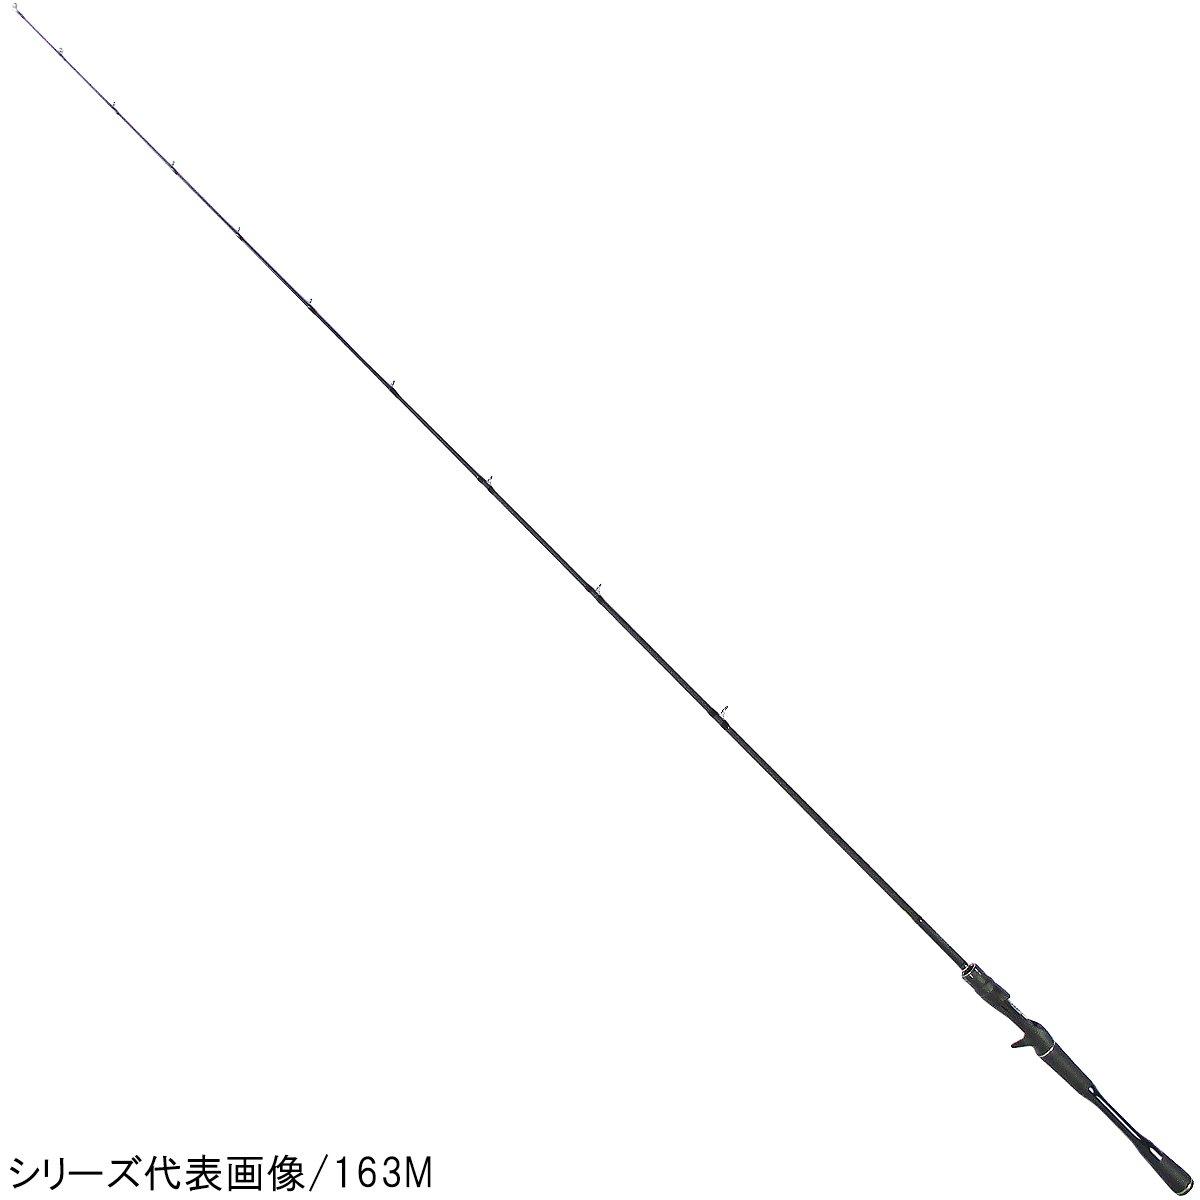 シマノ ポイズンアドレナ(ベイト) 163ML【大型商品】(東日本店)